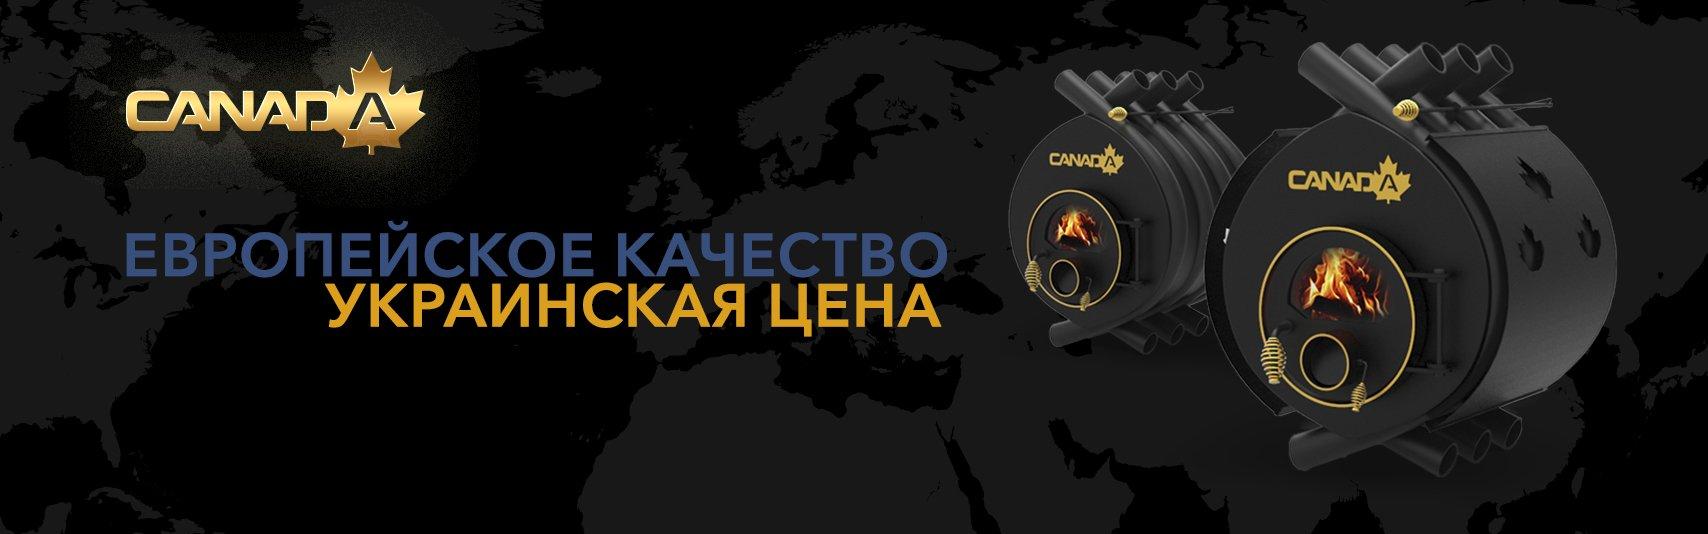 ukrainskoe_ka